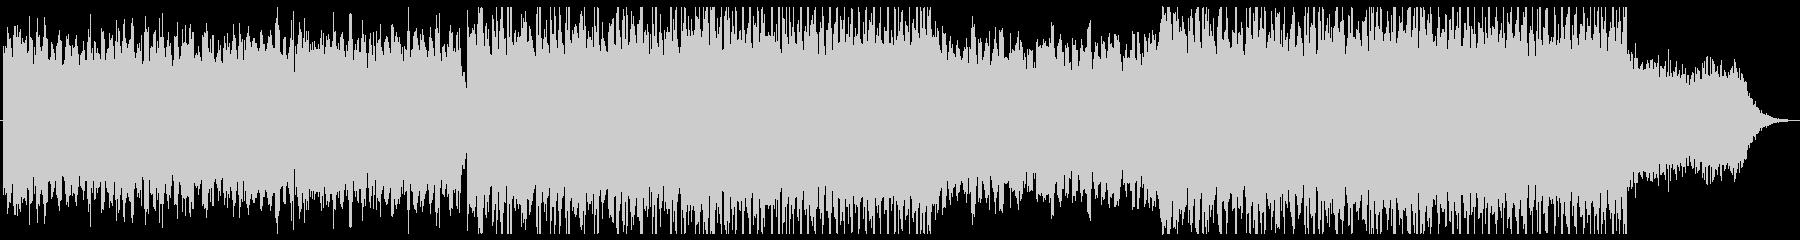 壮大でオリエンタルなシネマティック曲・Kの未再生の波形